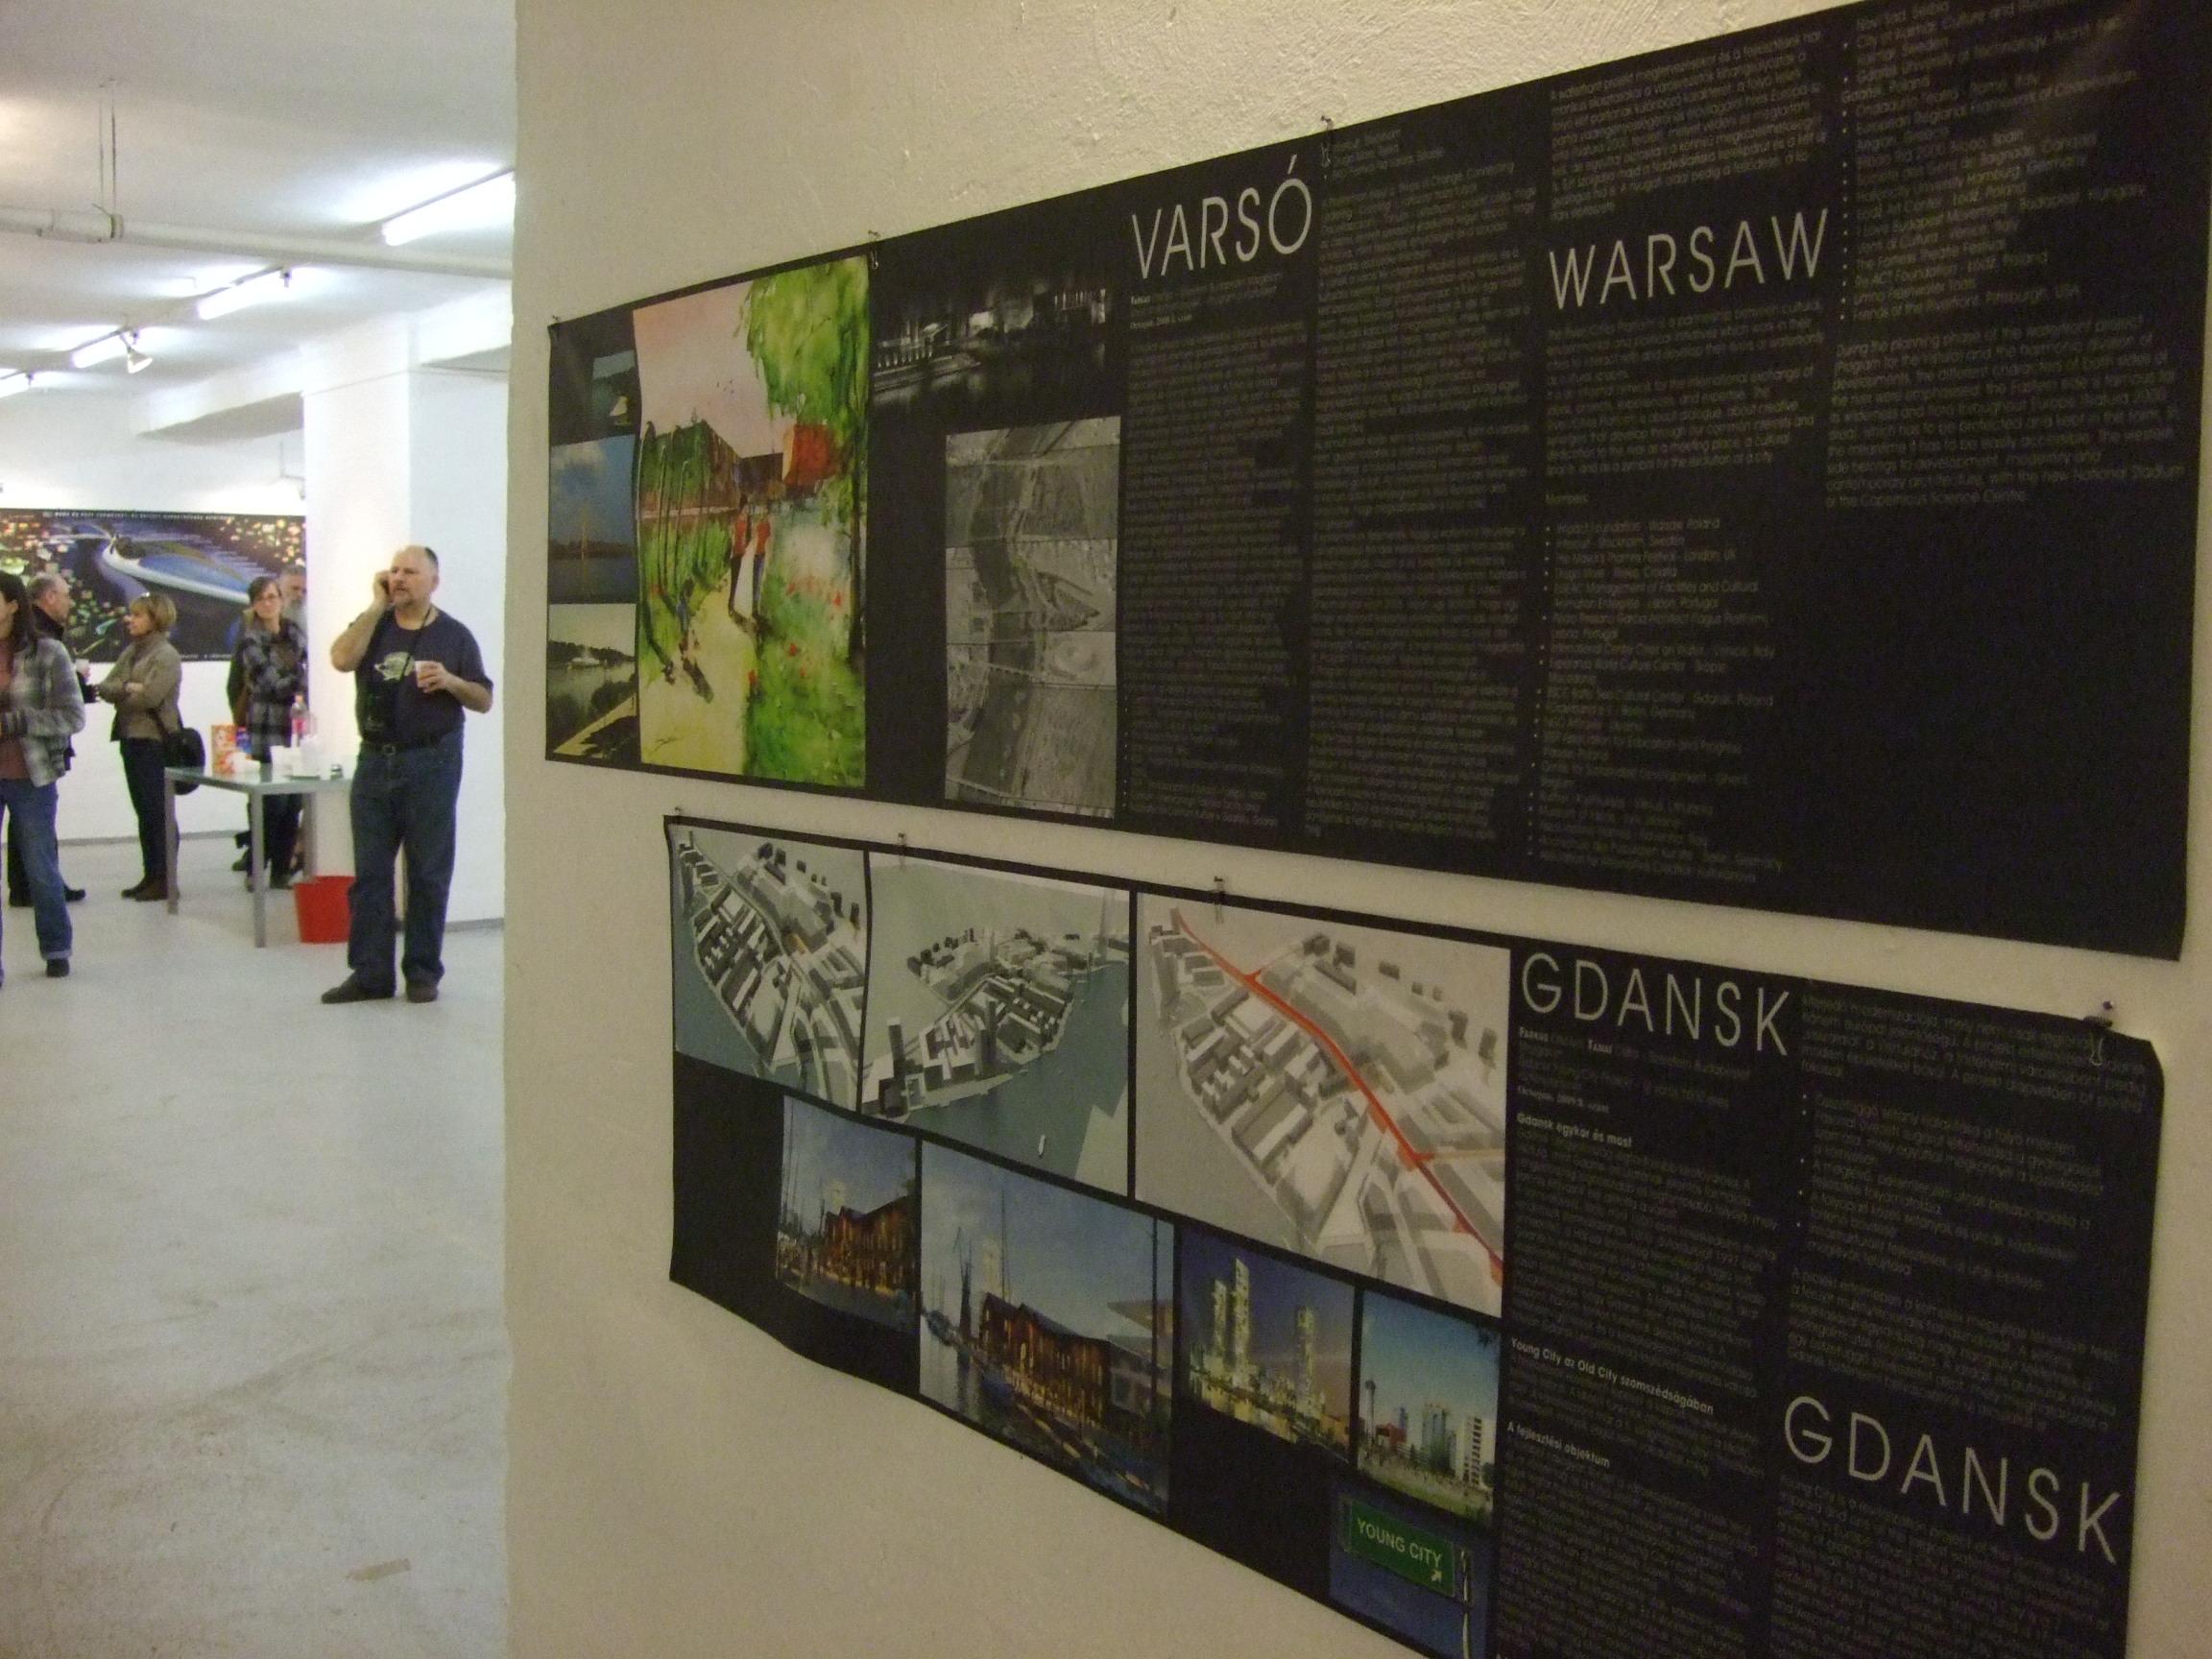 Vízparti fejlesztések - Gdansk és Varsó